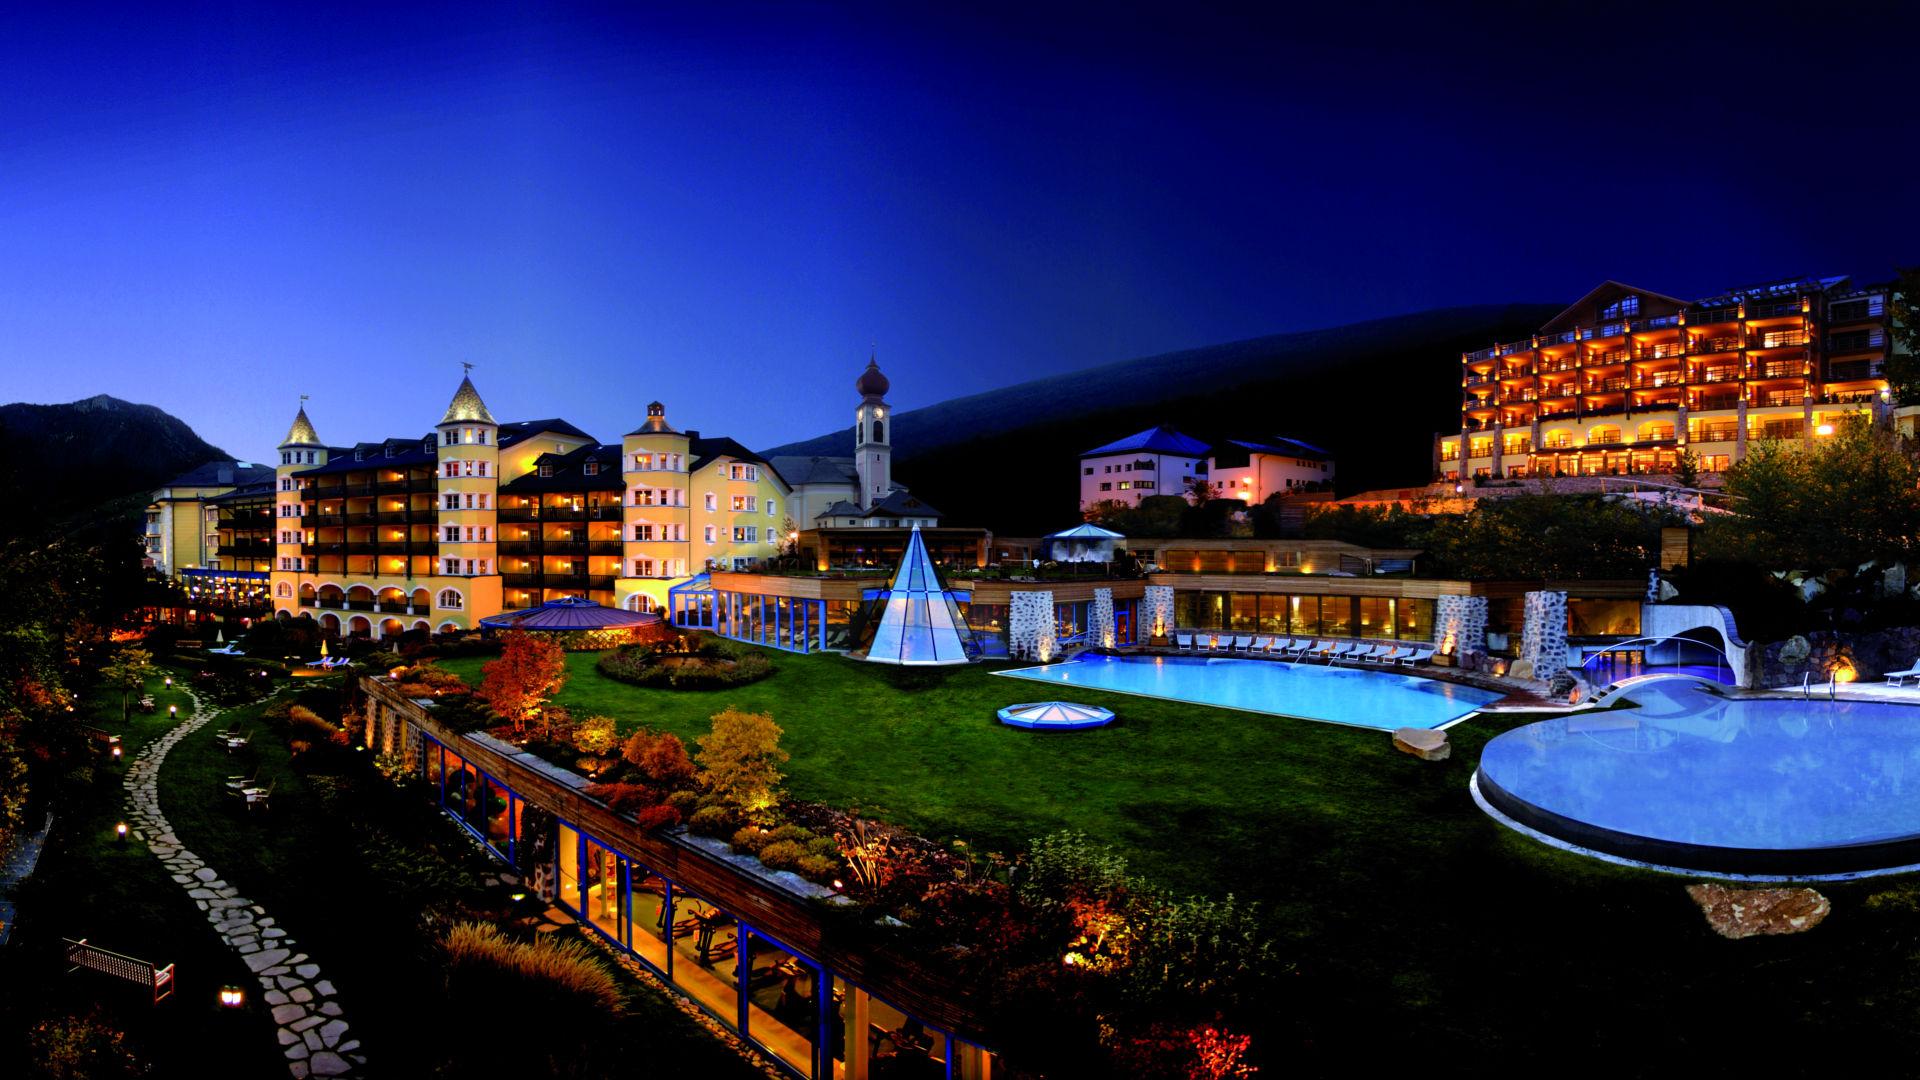 Hotel Adler Dolomiti - Piscine esterne & Spa in Trentino Alto Adige